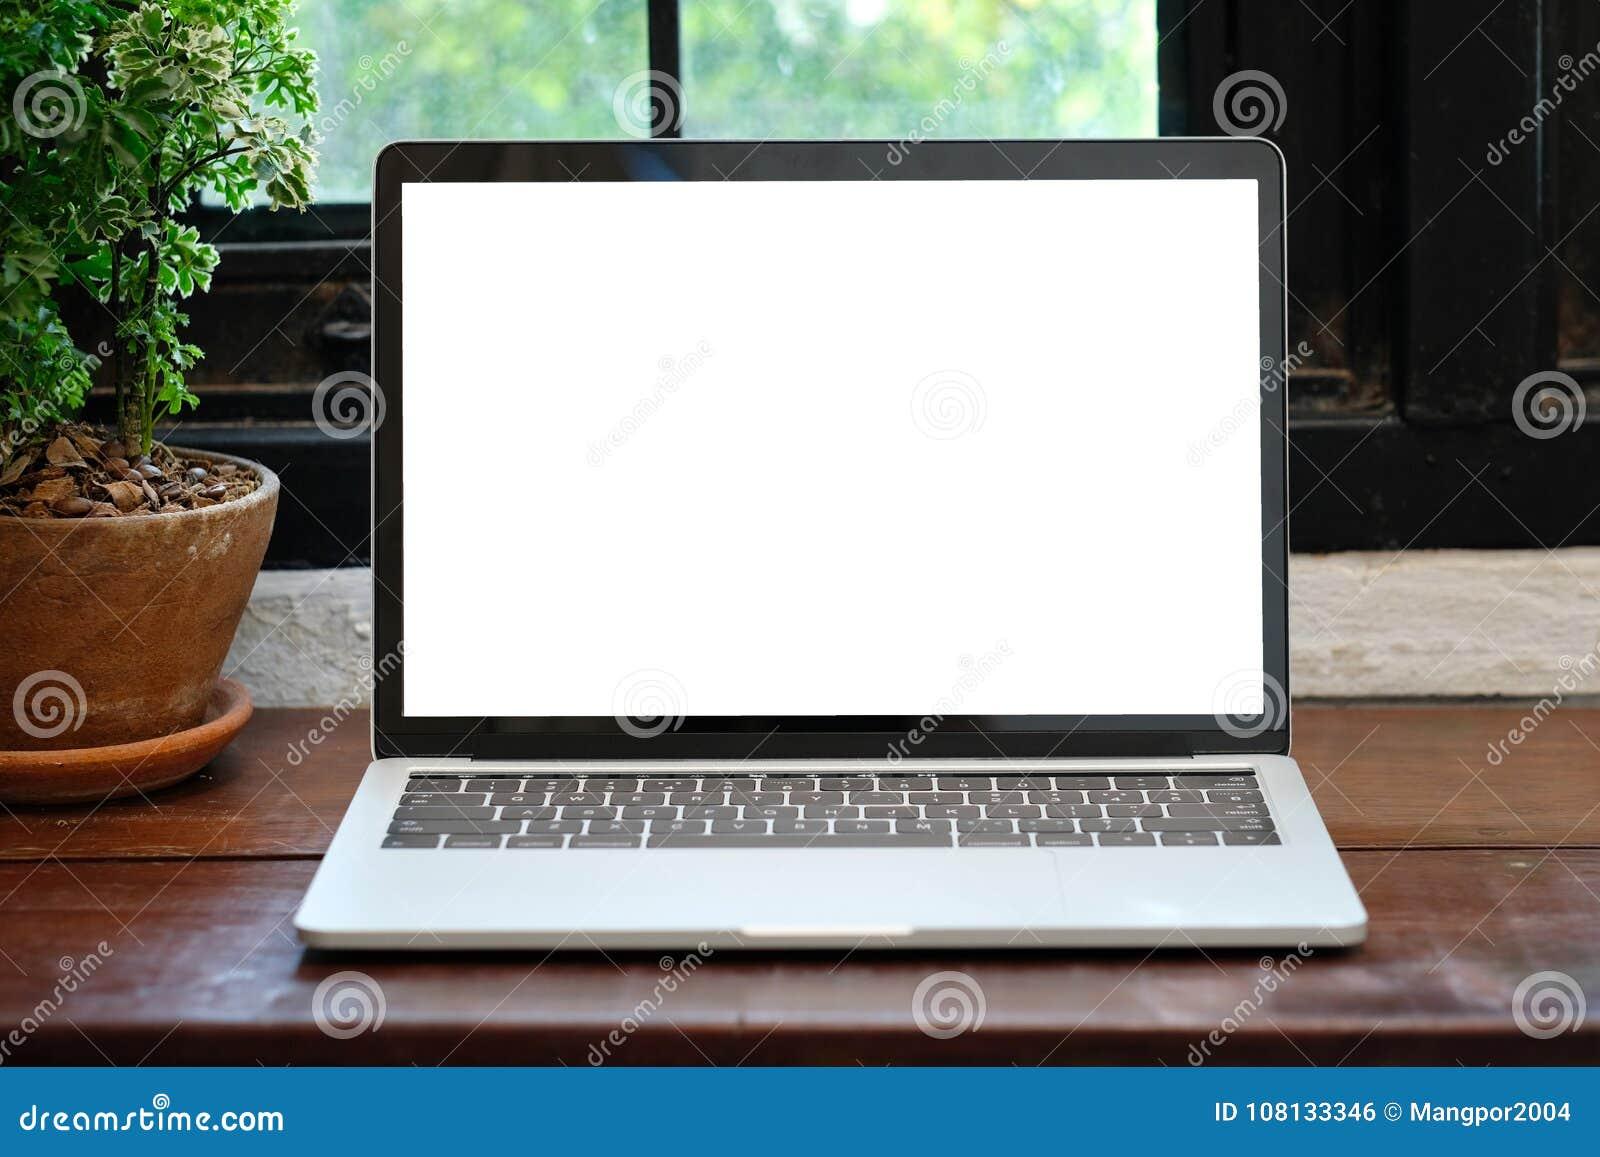 有黑屏的便携式计算机模板backgroun的嘲笑的